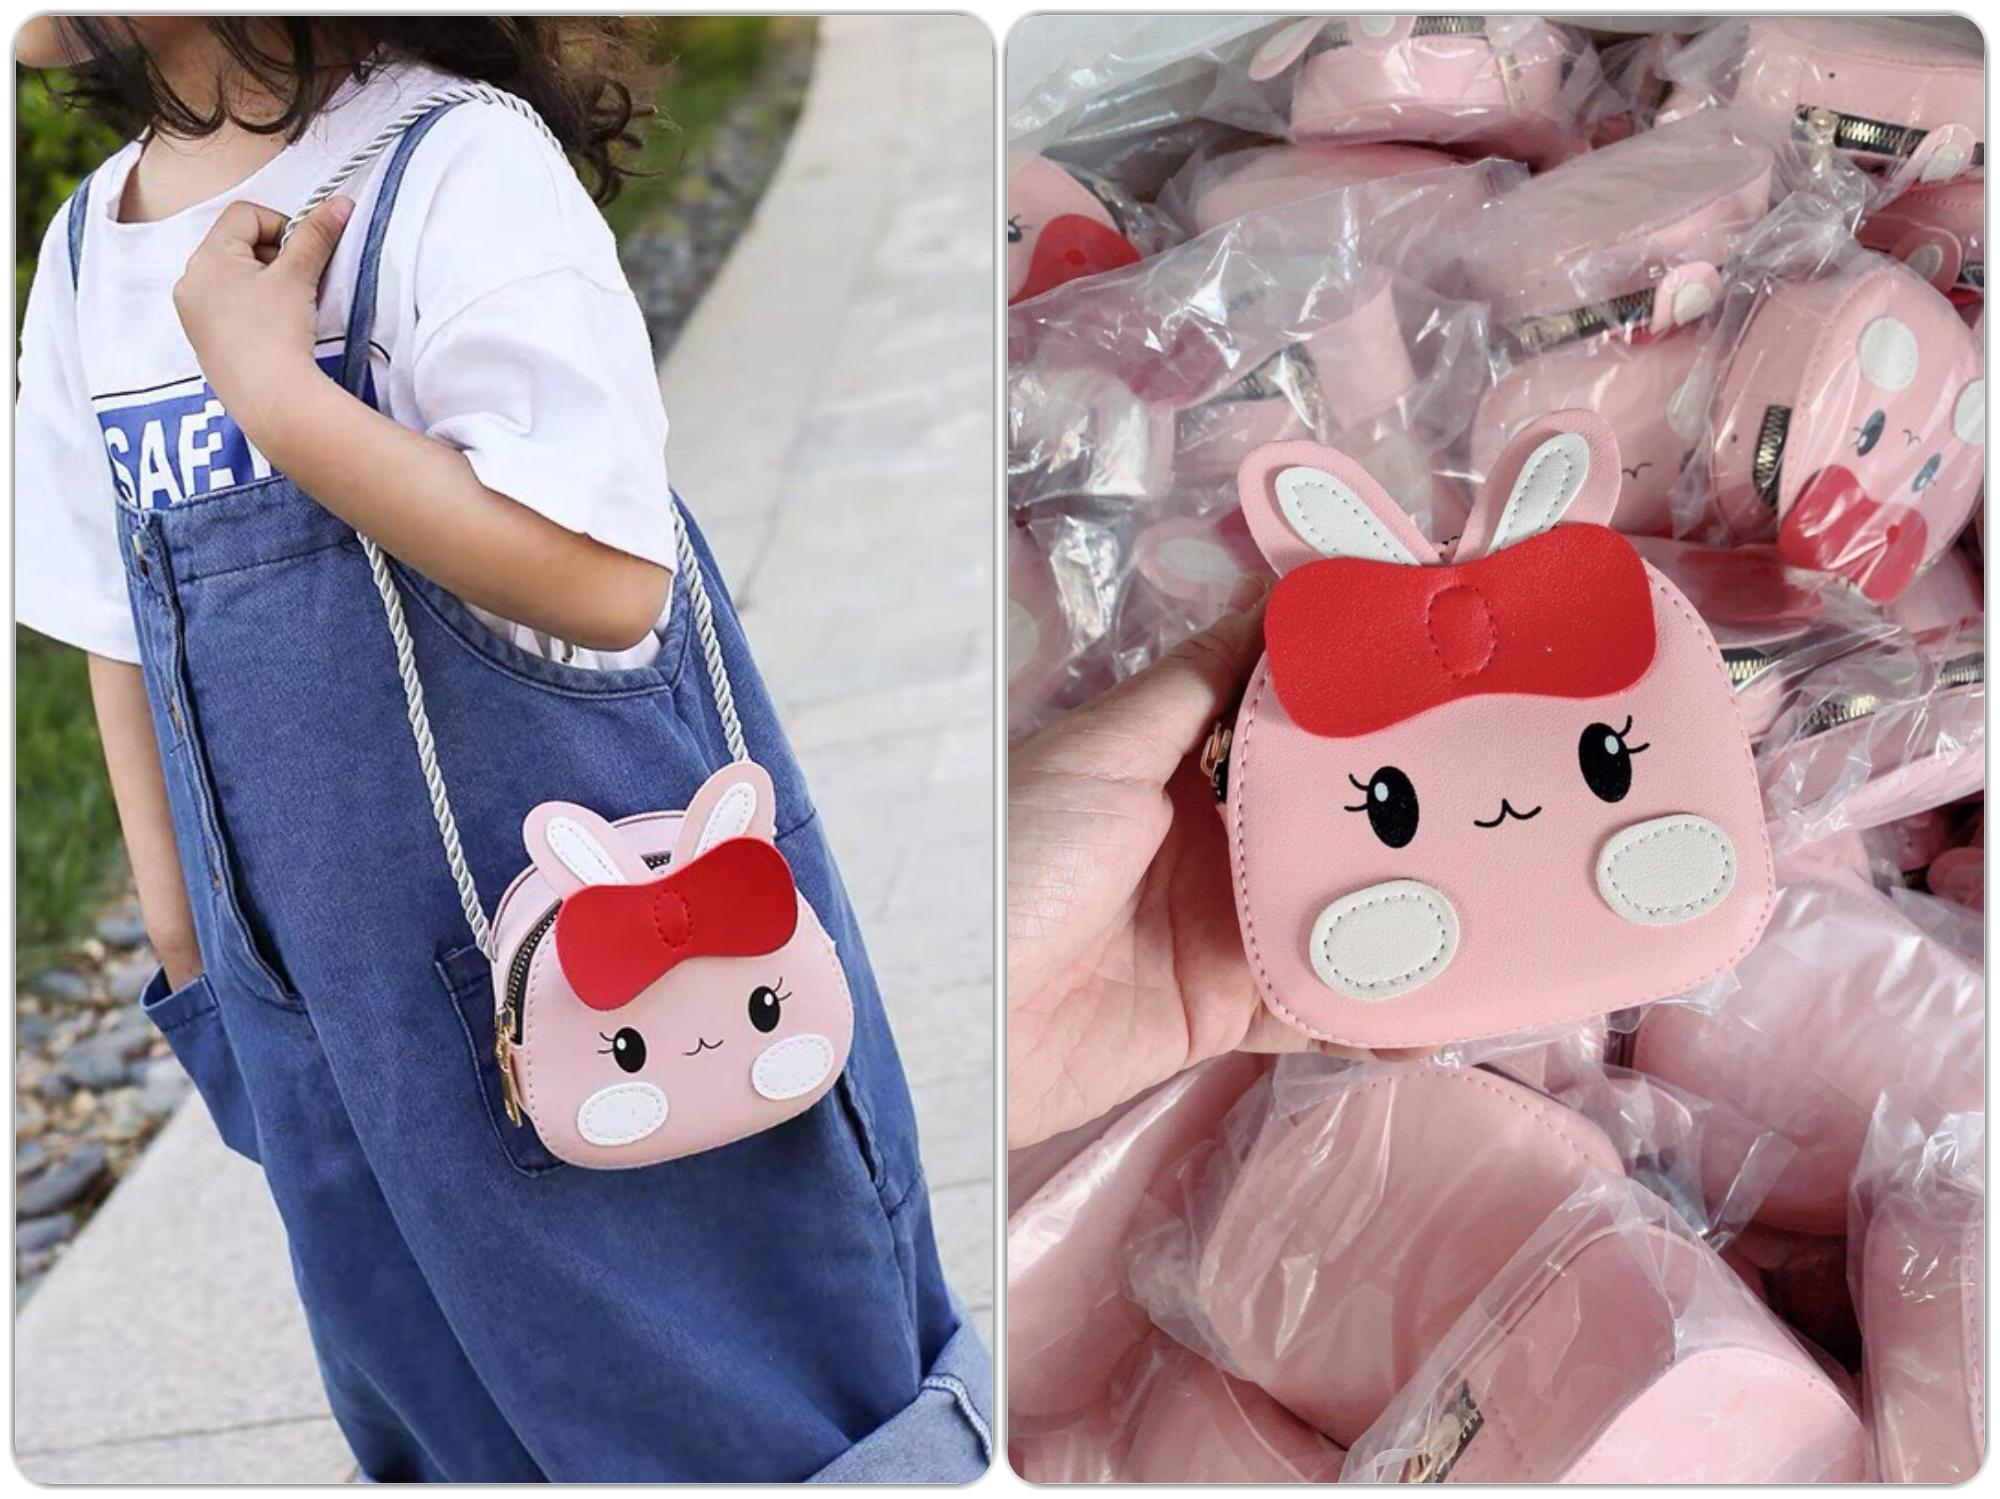 Giá bán Túi đeo chéo hình thỏ siêu xinh cho bé gái